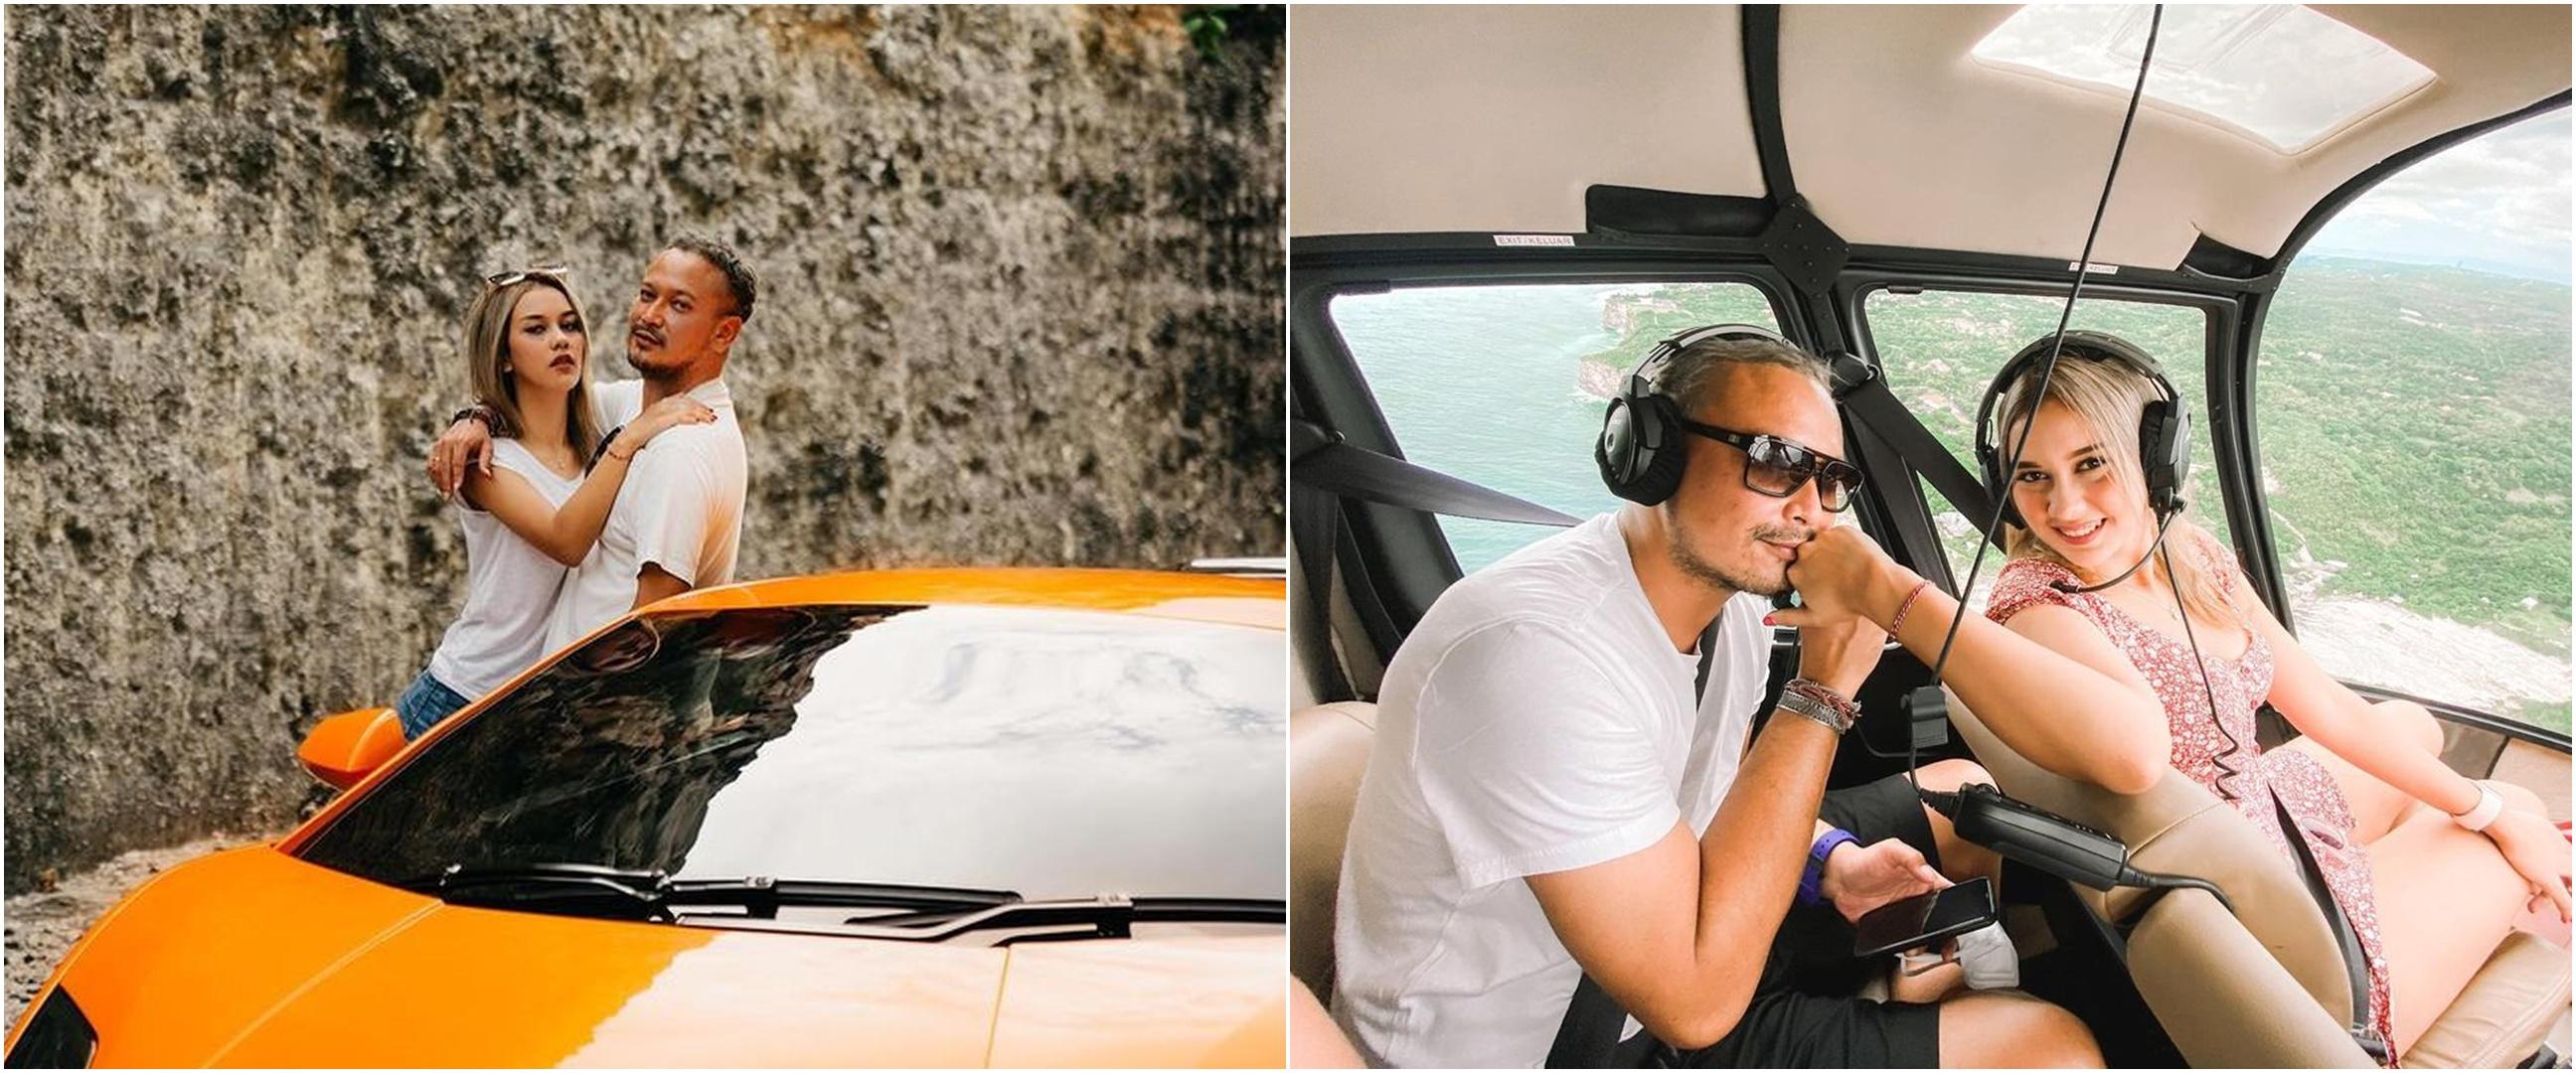 7 Momen honeymoon Banyu Biru & Anastasia Adamova, naik helikopter